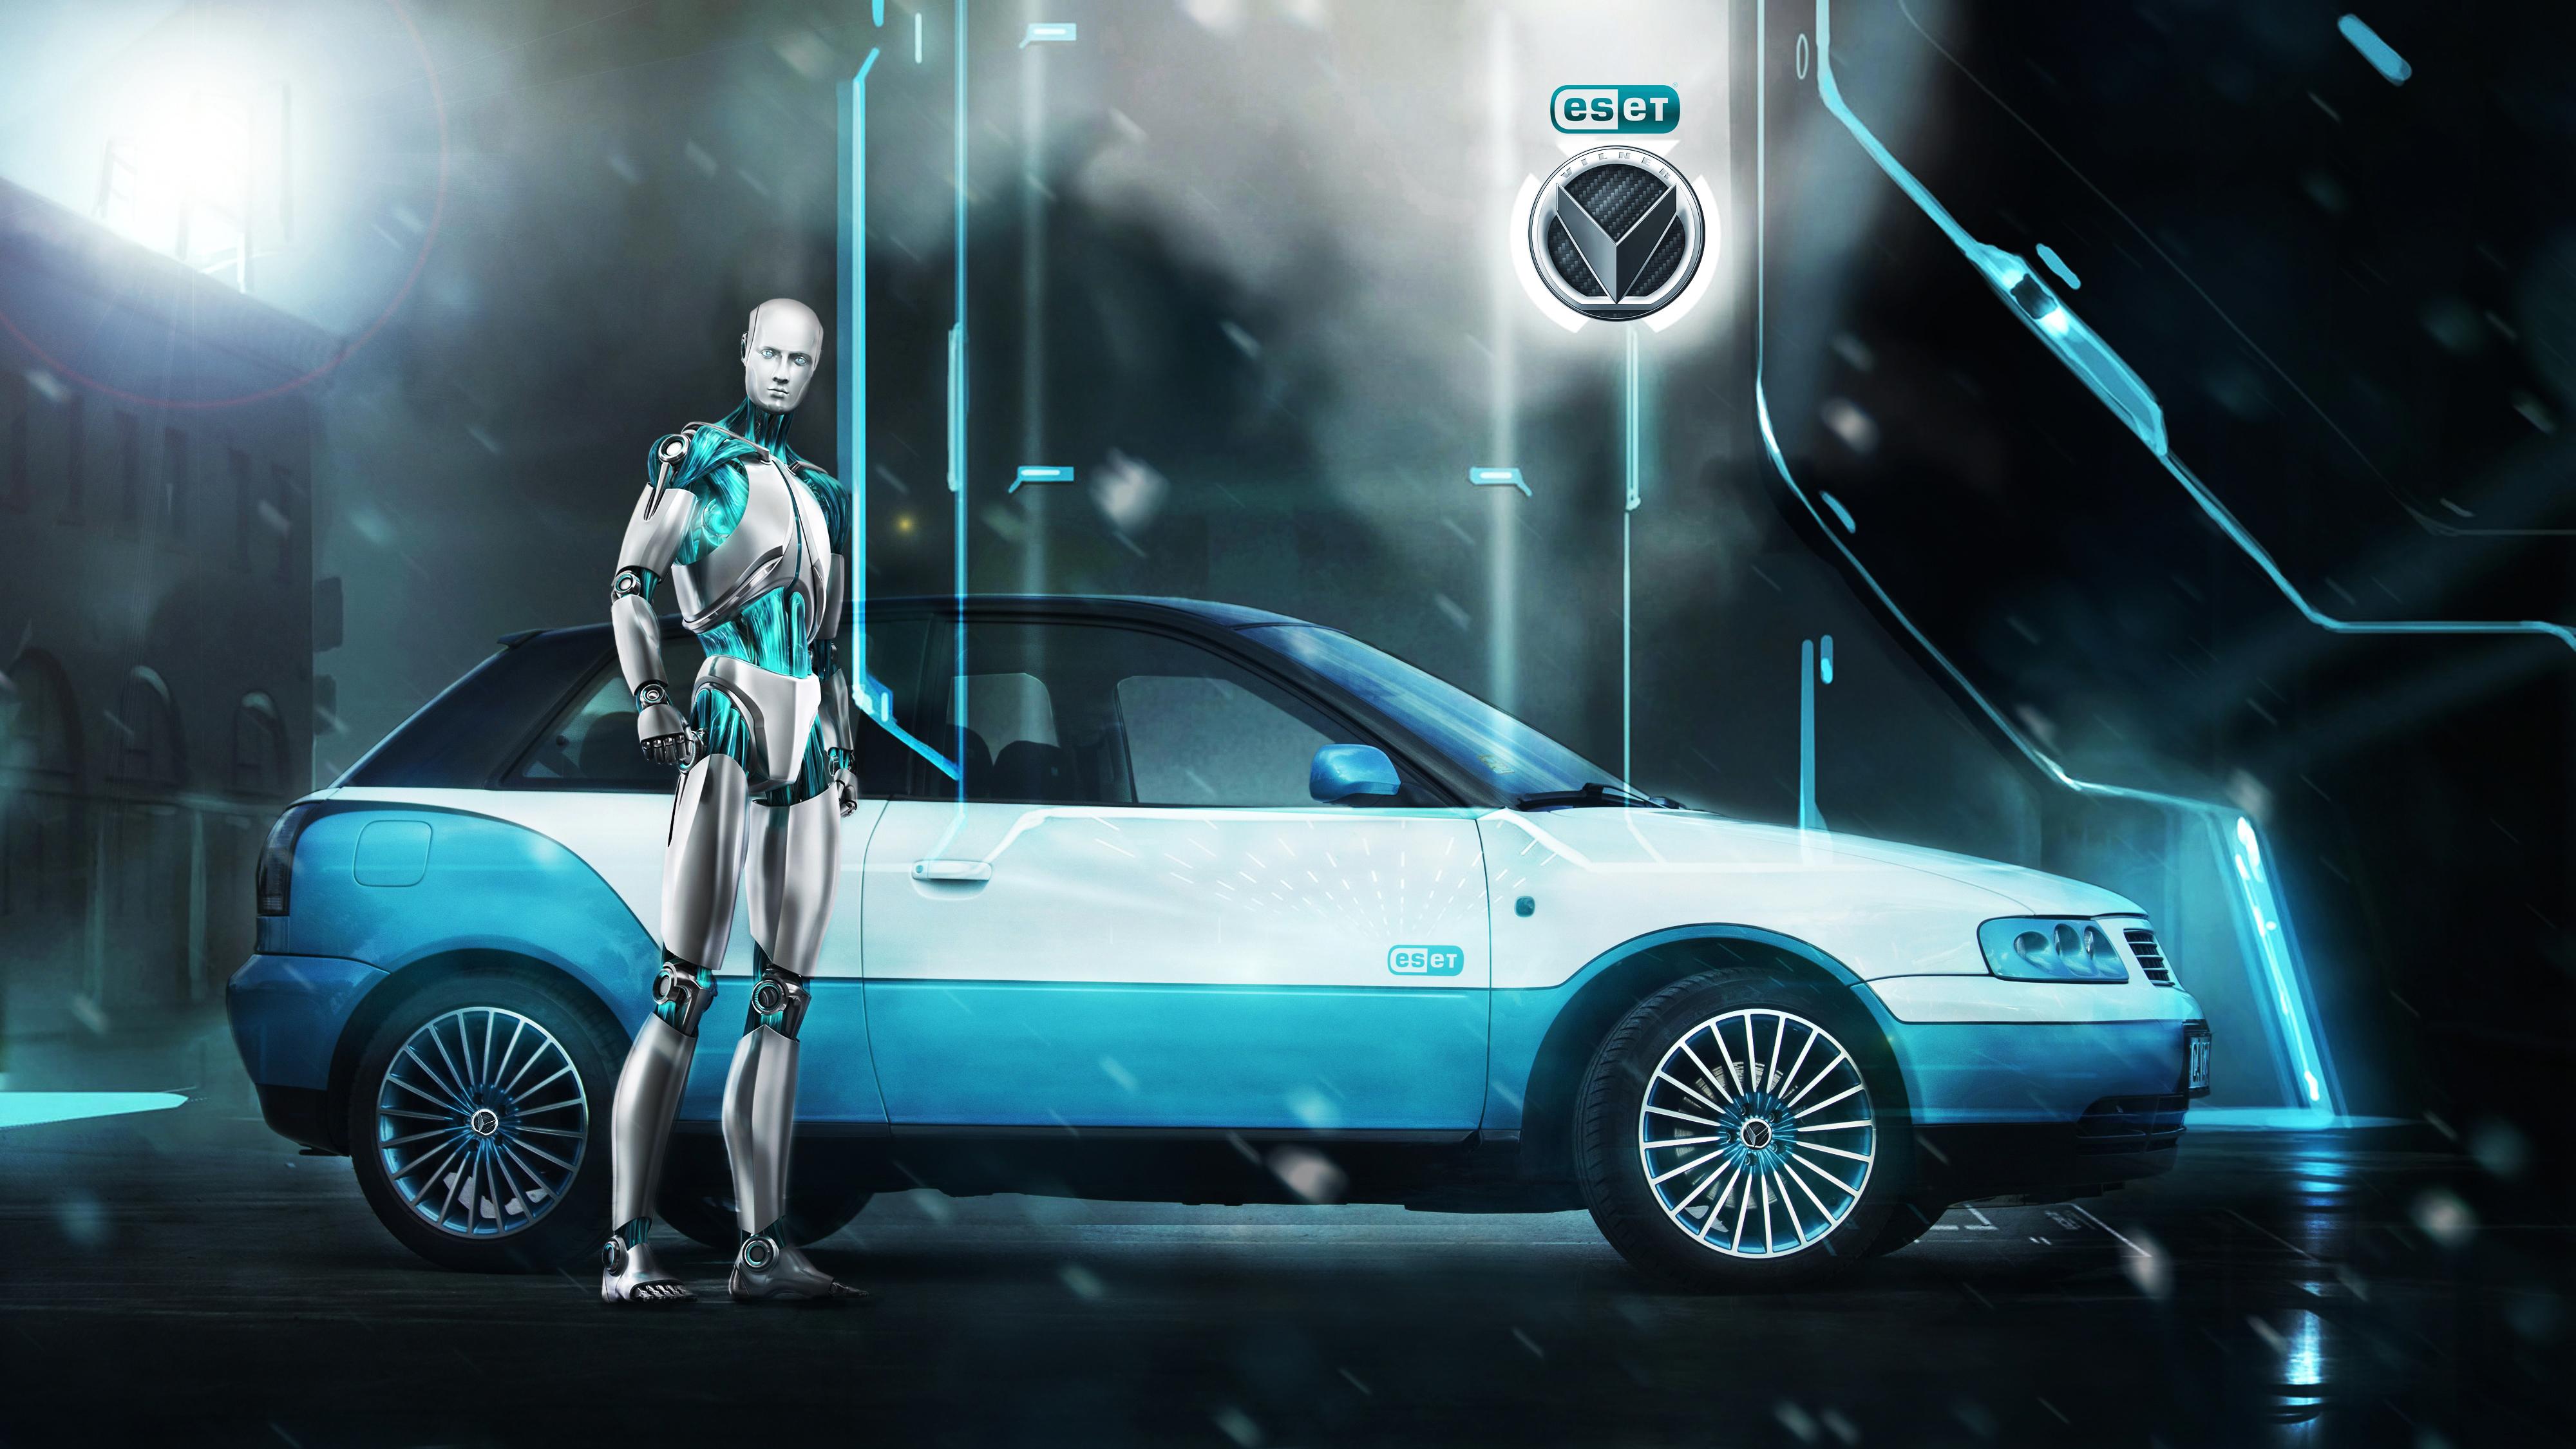 Vilner - Vilner Gives a Nod32 to ESET with Promotional Audi A3